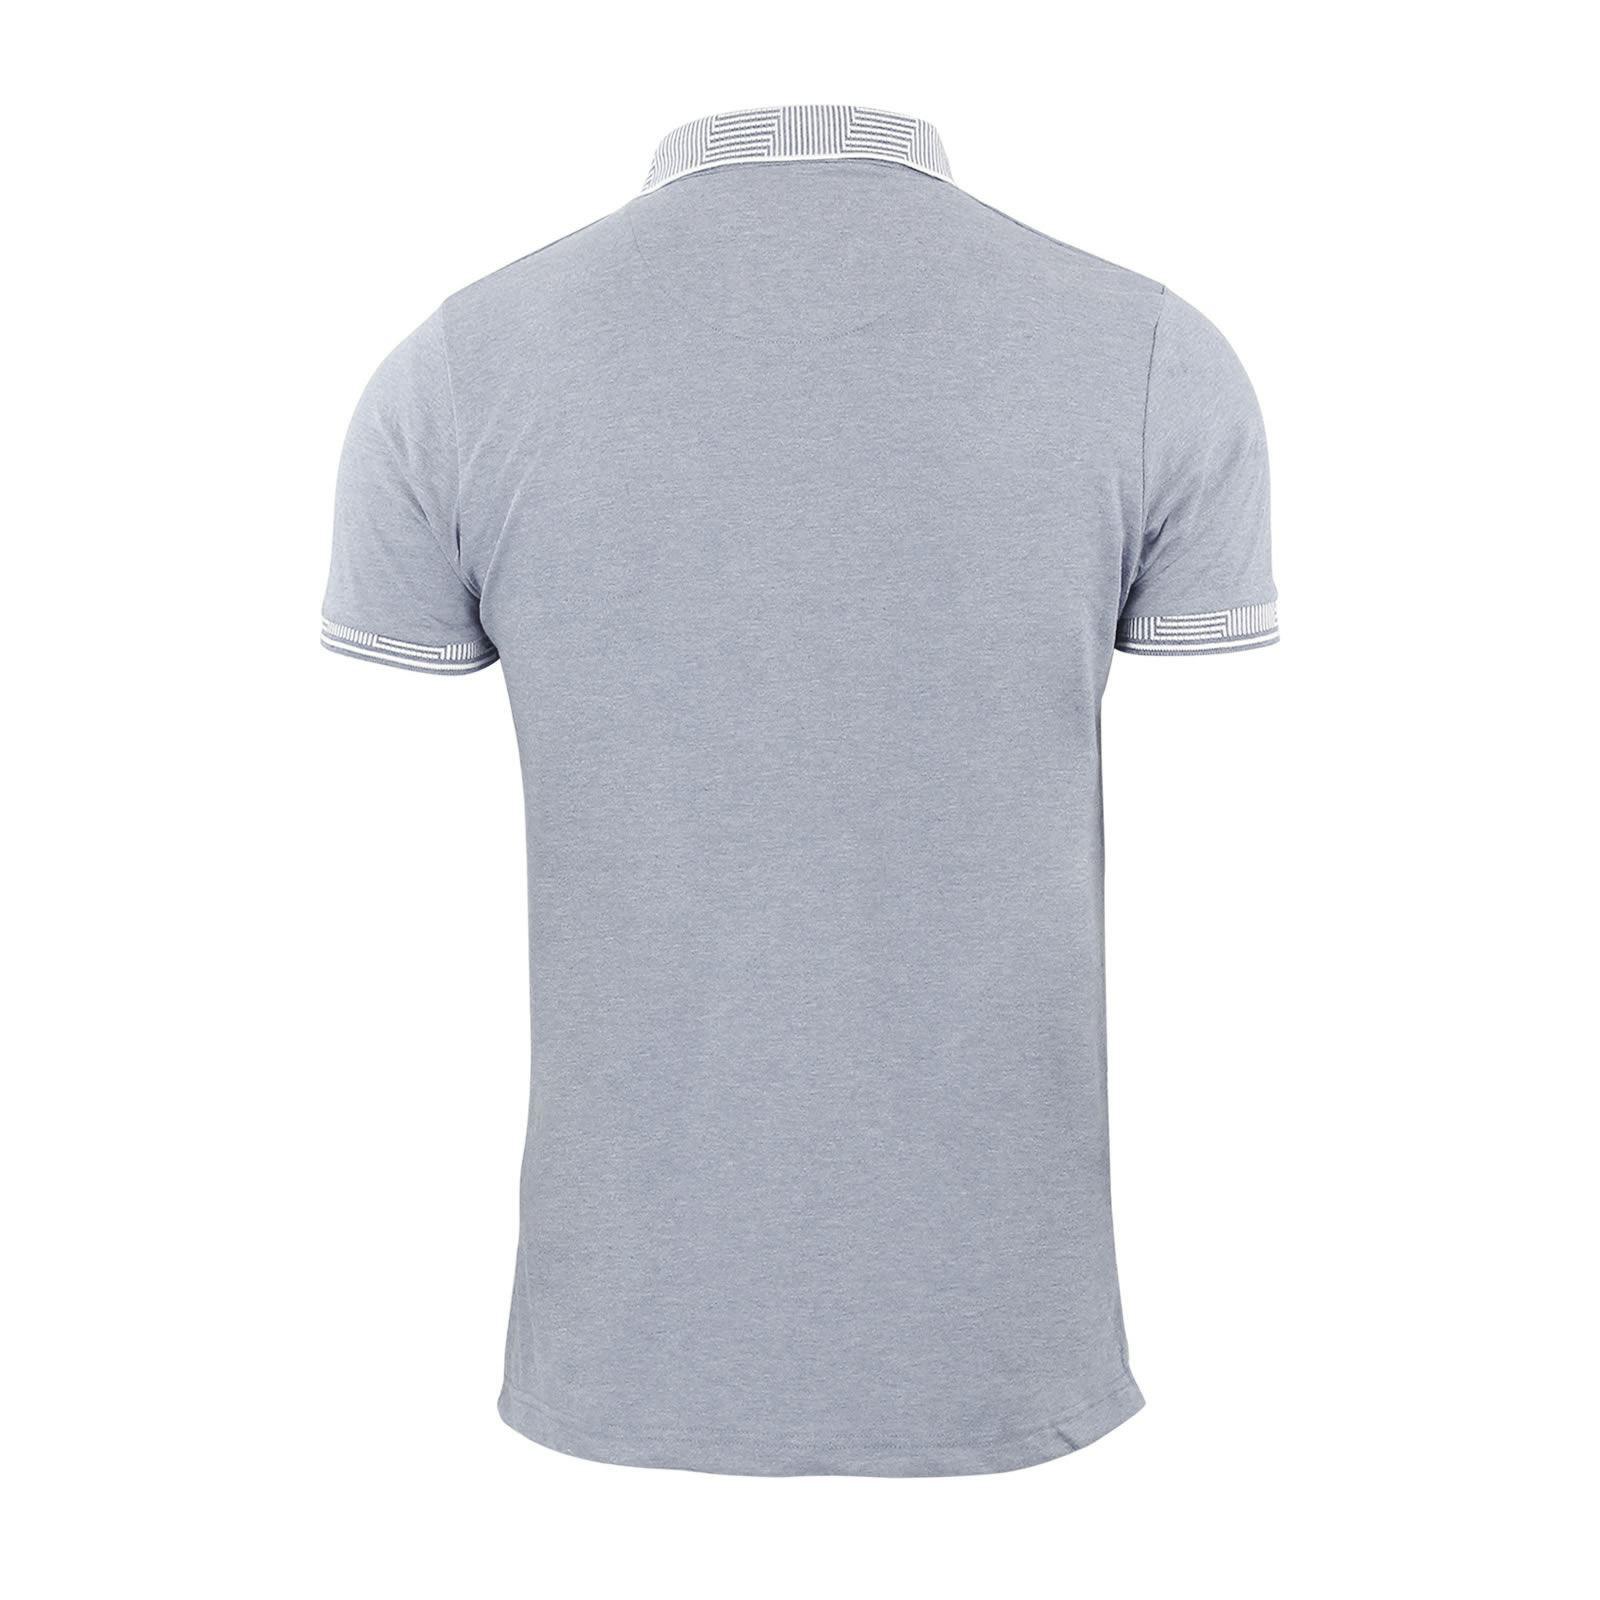 Polo-pour-Homme-T-Shirt-Brave-Soul-Glover-Coton-Avec-Col-Haut-Decontracte-Manche-Courte miniature 11